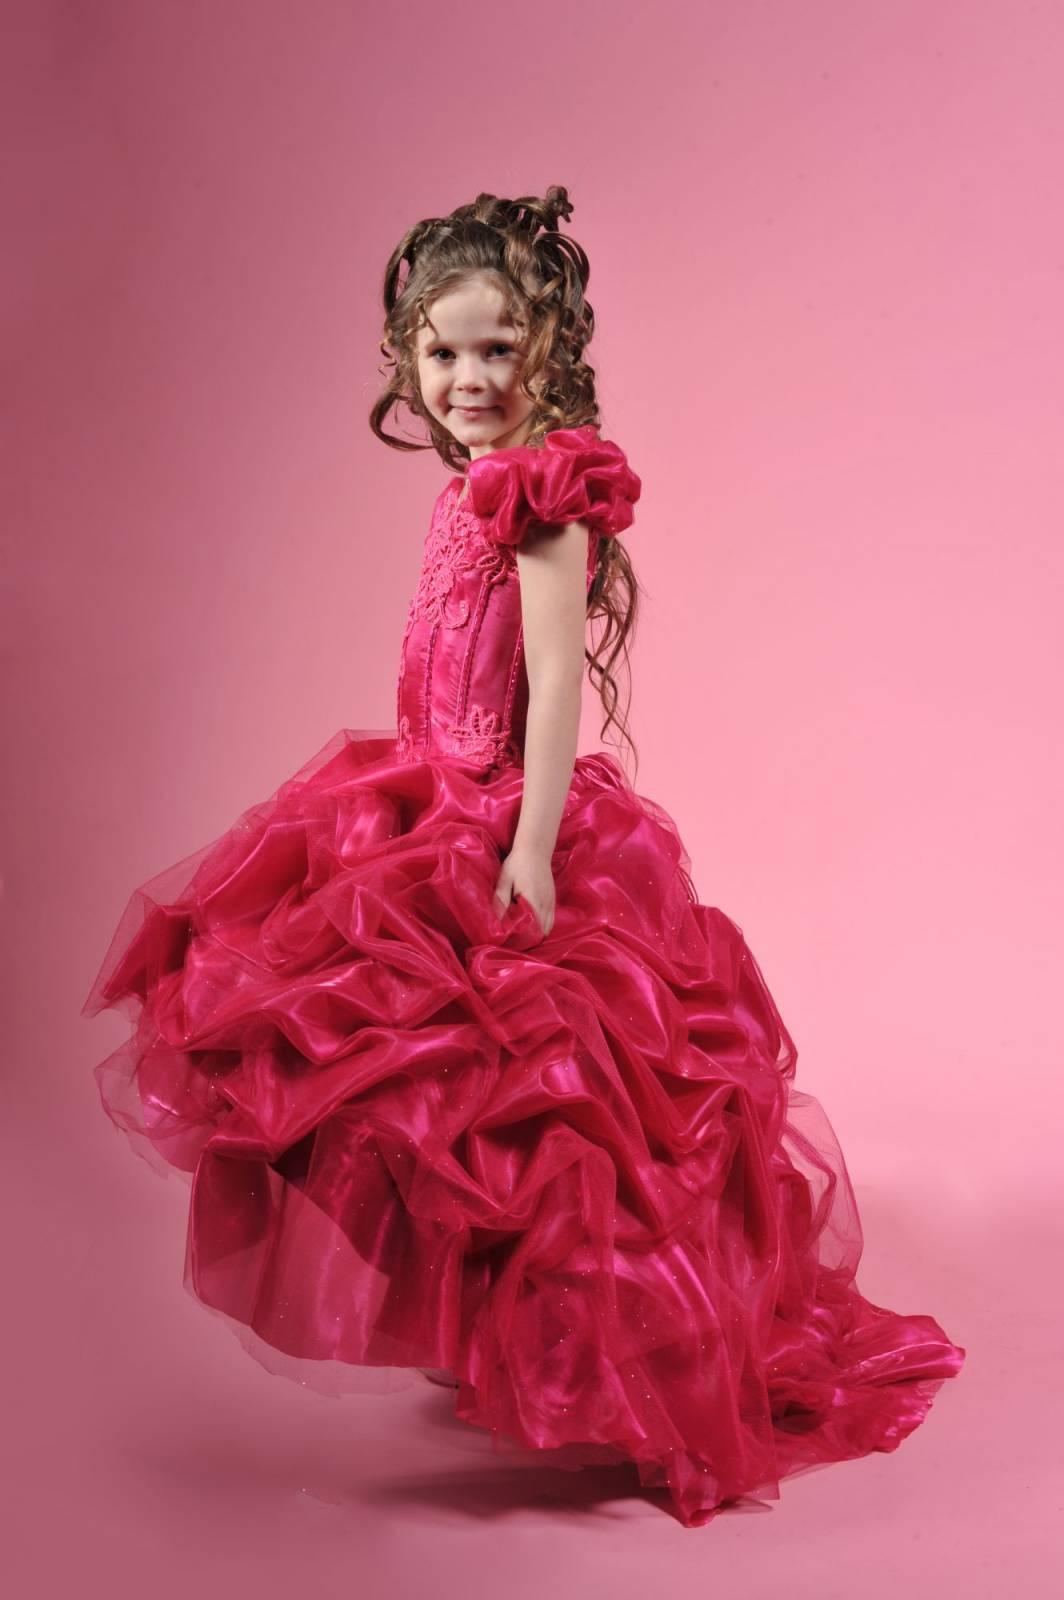 Платья для девочек 10 лет (116 фото на свадьбу, красивое) 11